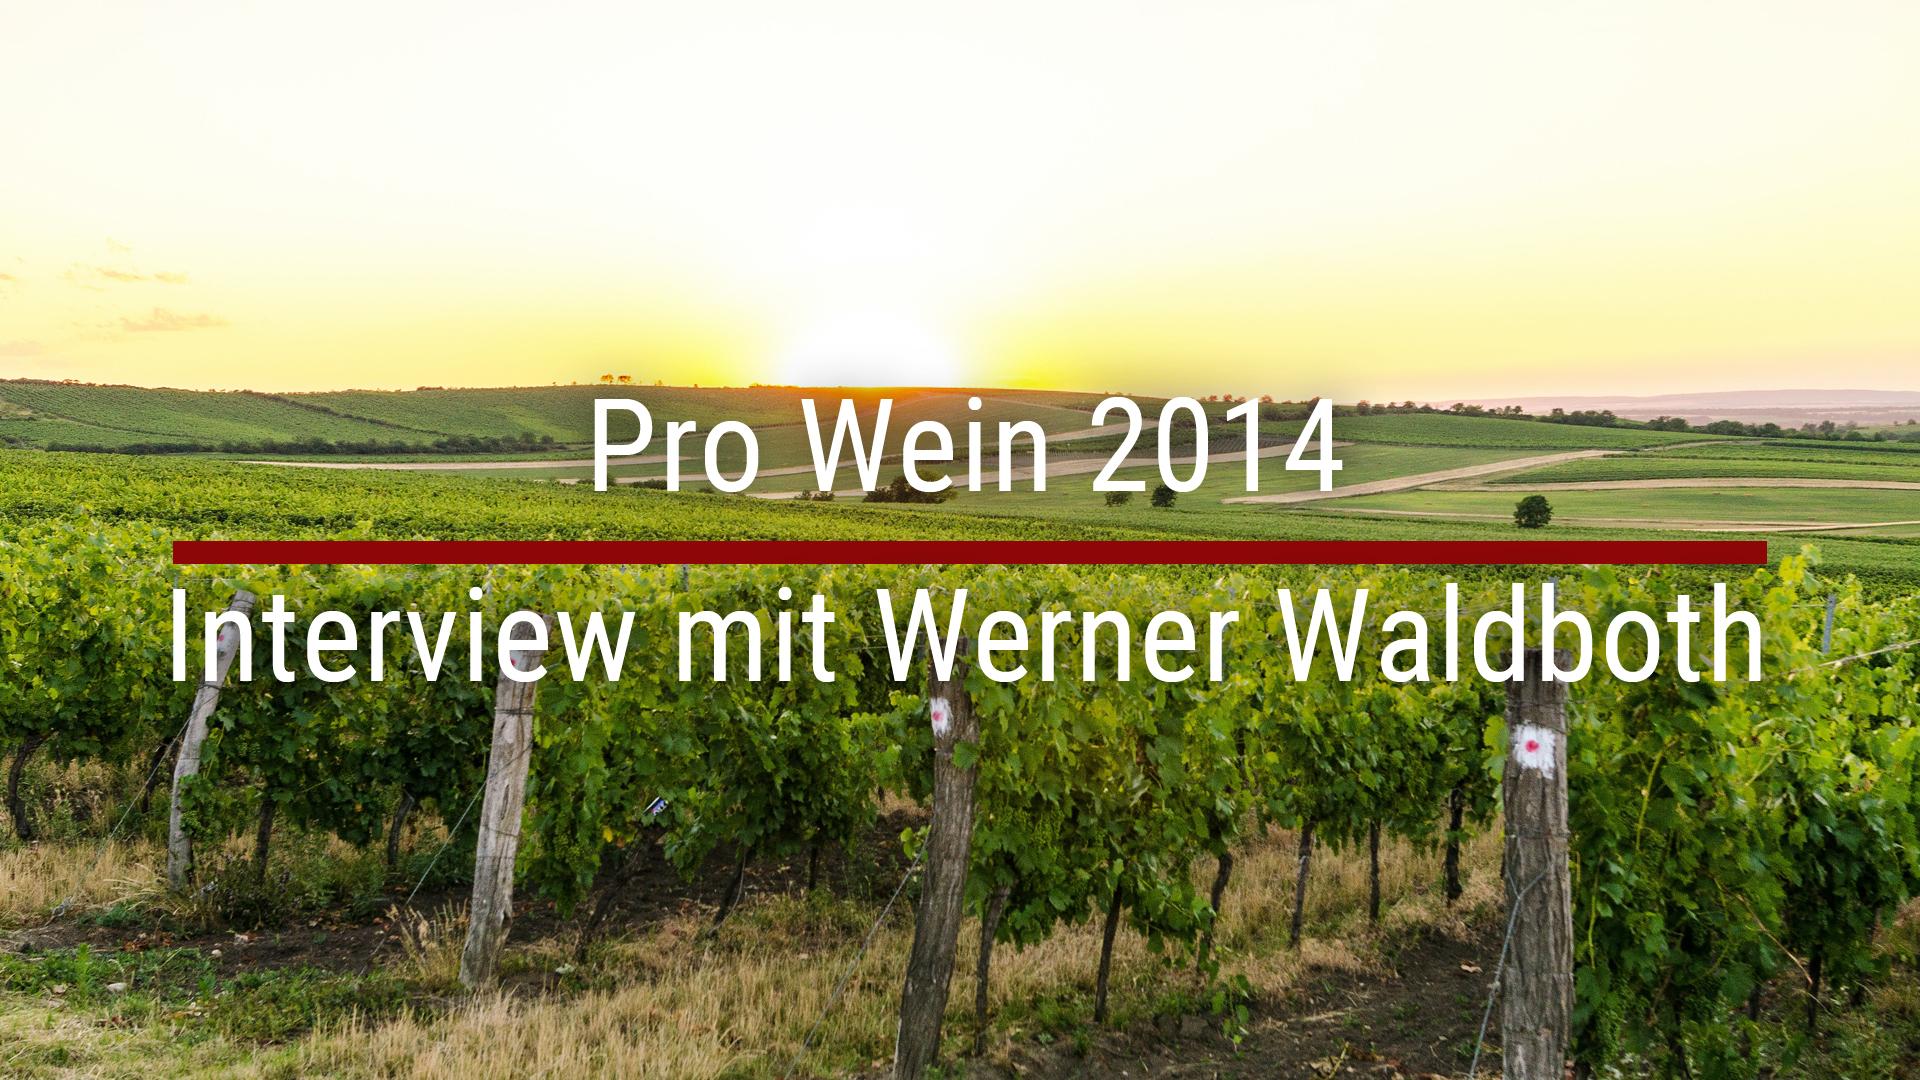 Pro Wein 2014 – Interview mit Werner Waldboth